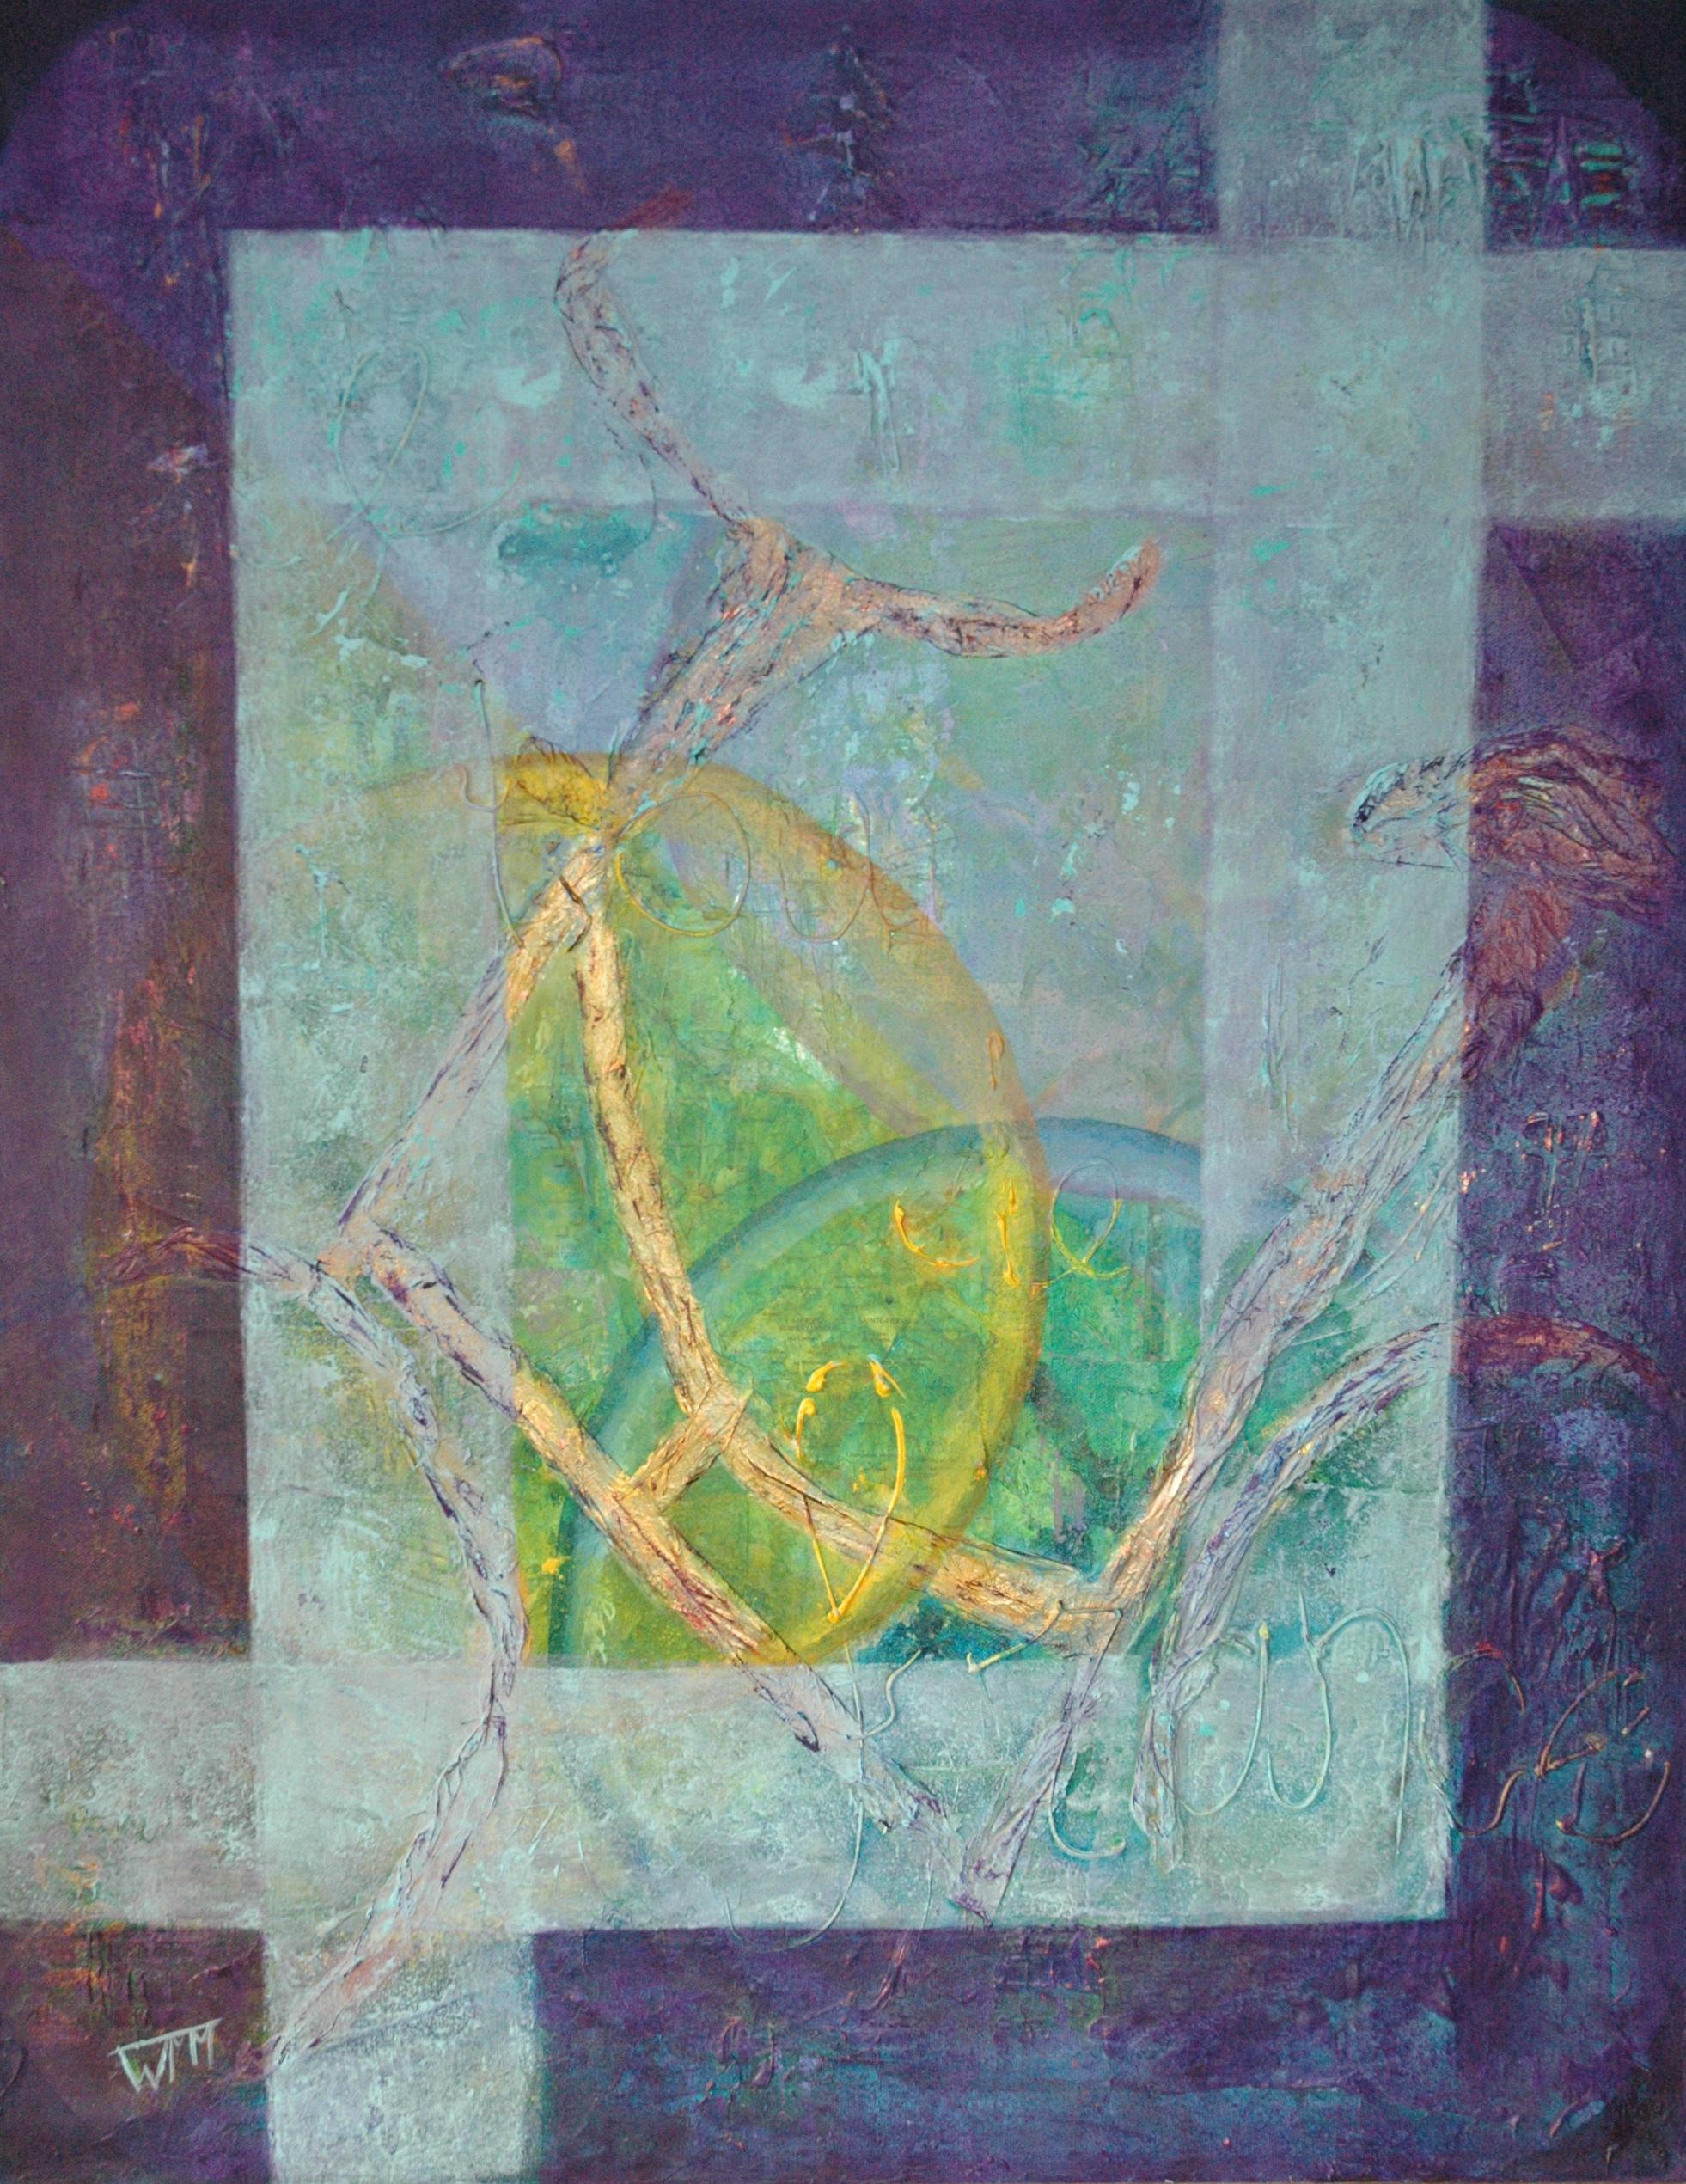 90 x 70 x 4cm, acryl op katoen, collage, met gebruik van materialen (textuur), €375,-